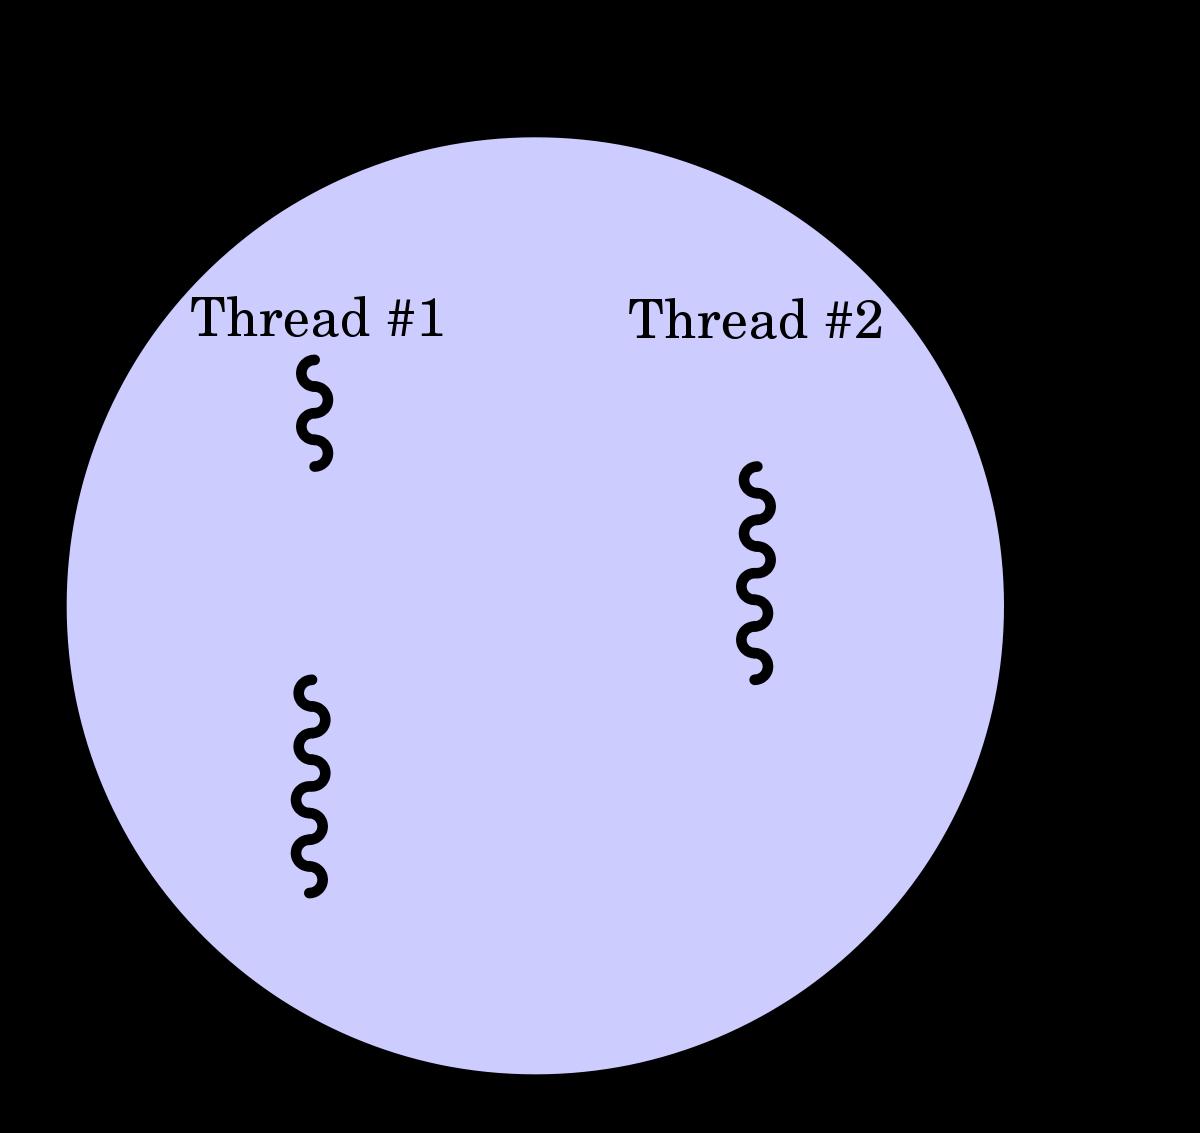 Как узнать сколько потоков в процессоре. как узнать сколько ядер в процессоре? да тут все просто, ребята!